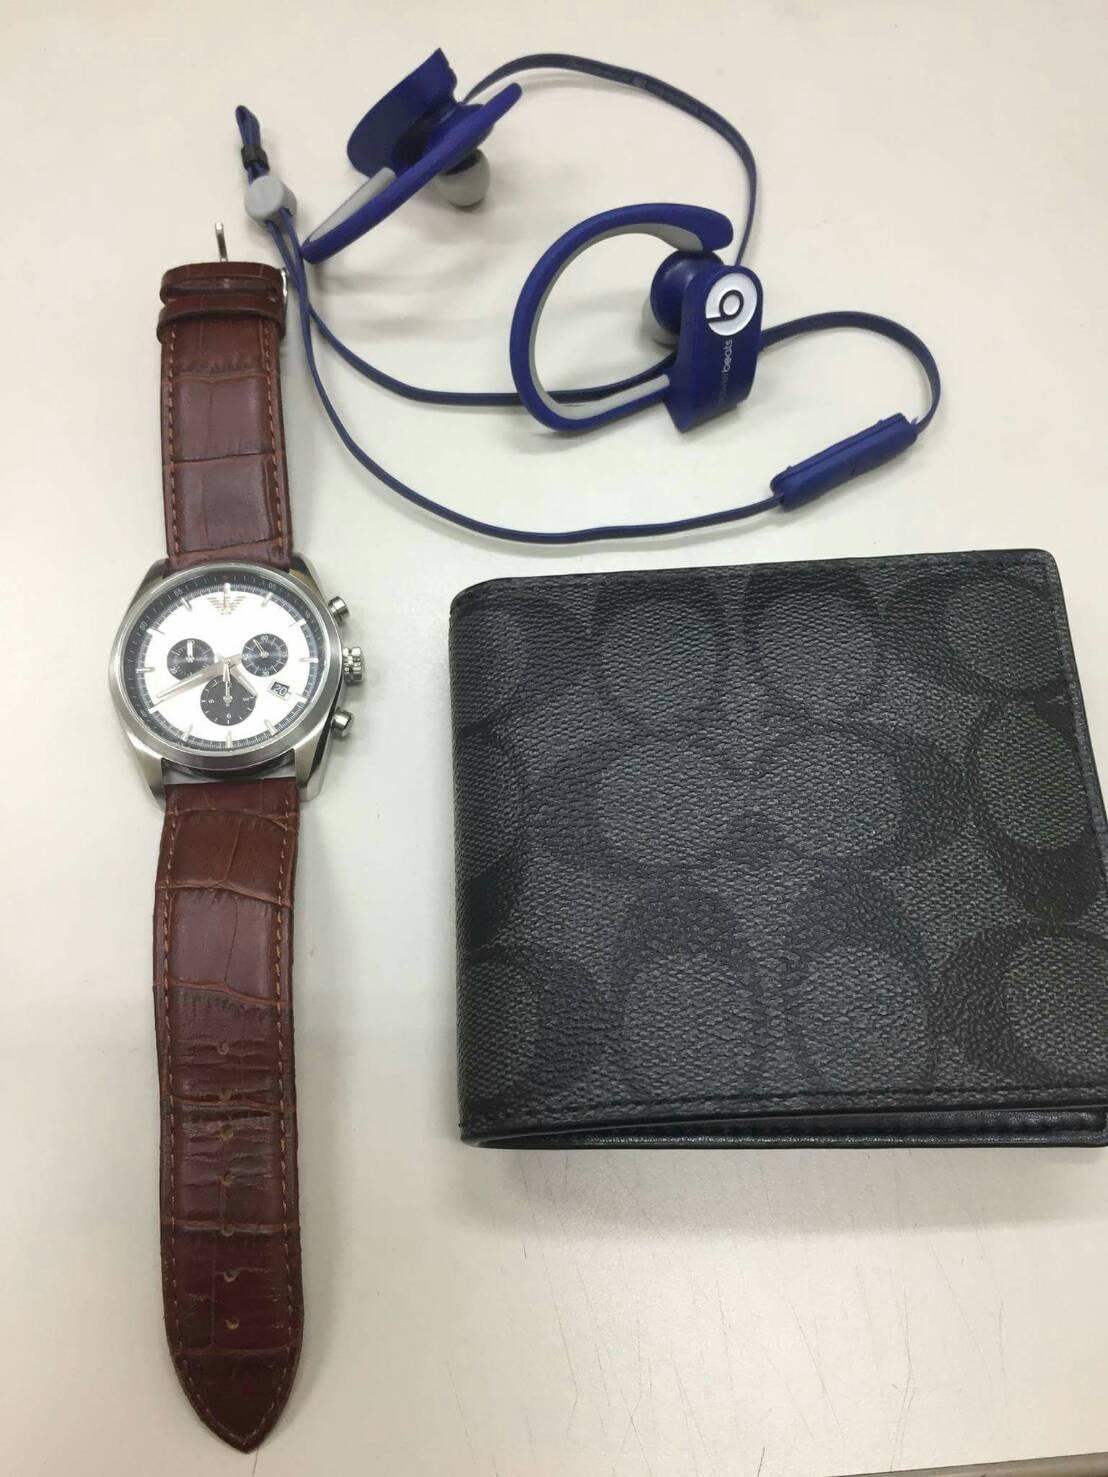 警方懷疑名牌皮夾以及藍芽耳機手錶,疑似也是竊取來的贓物。